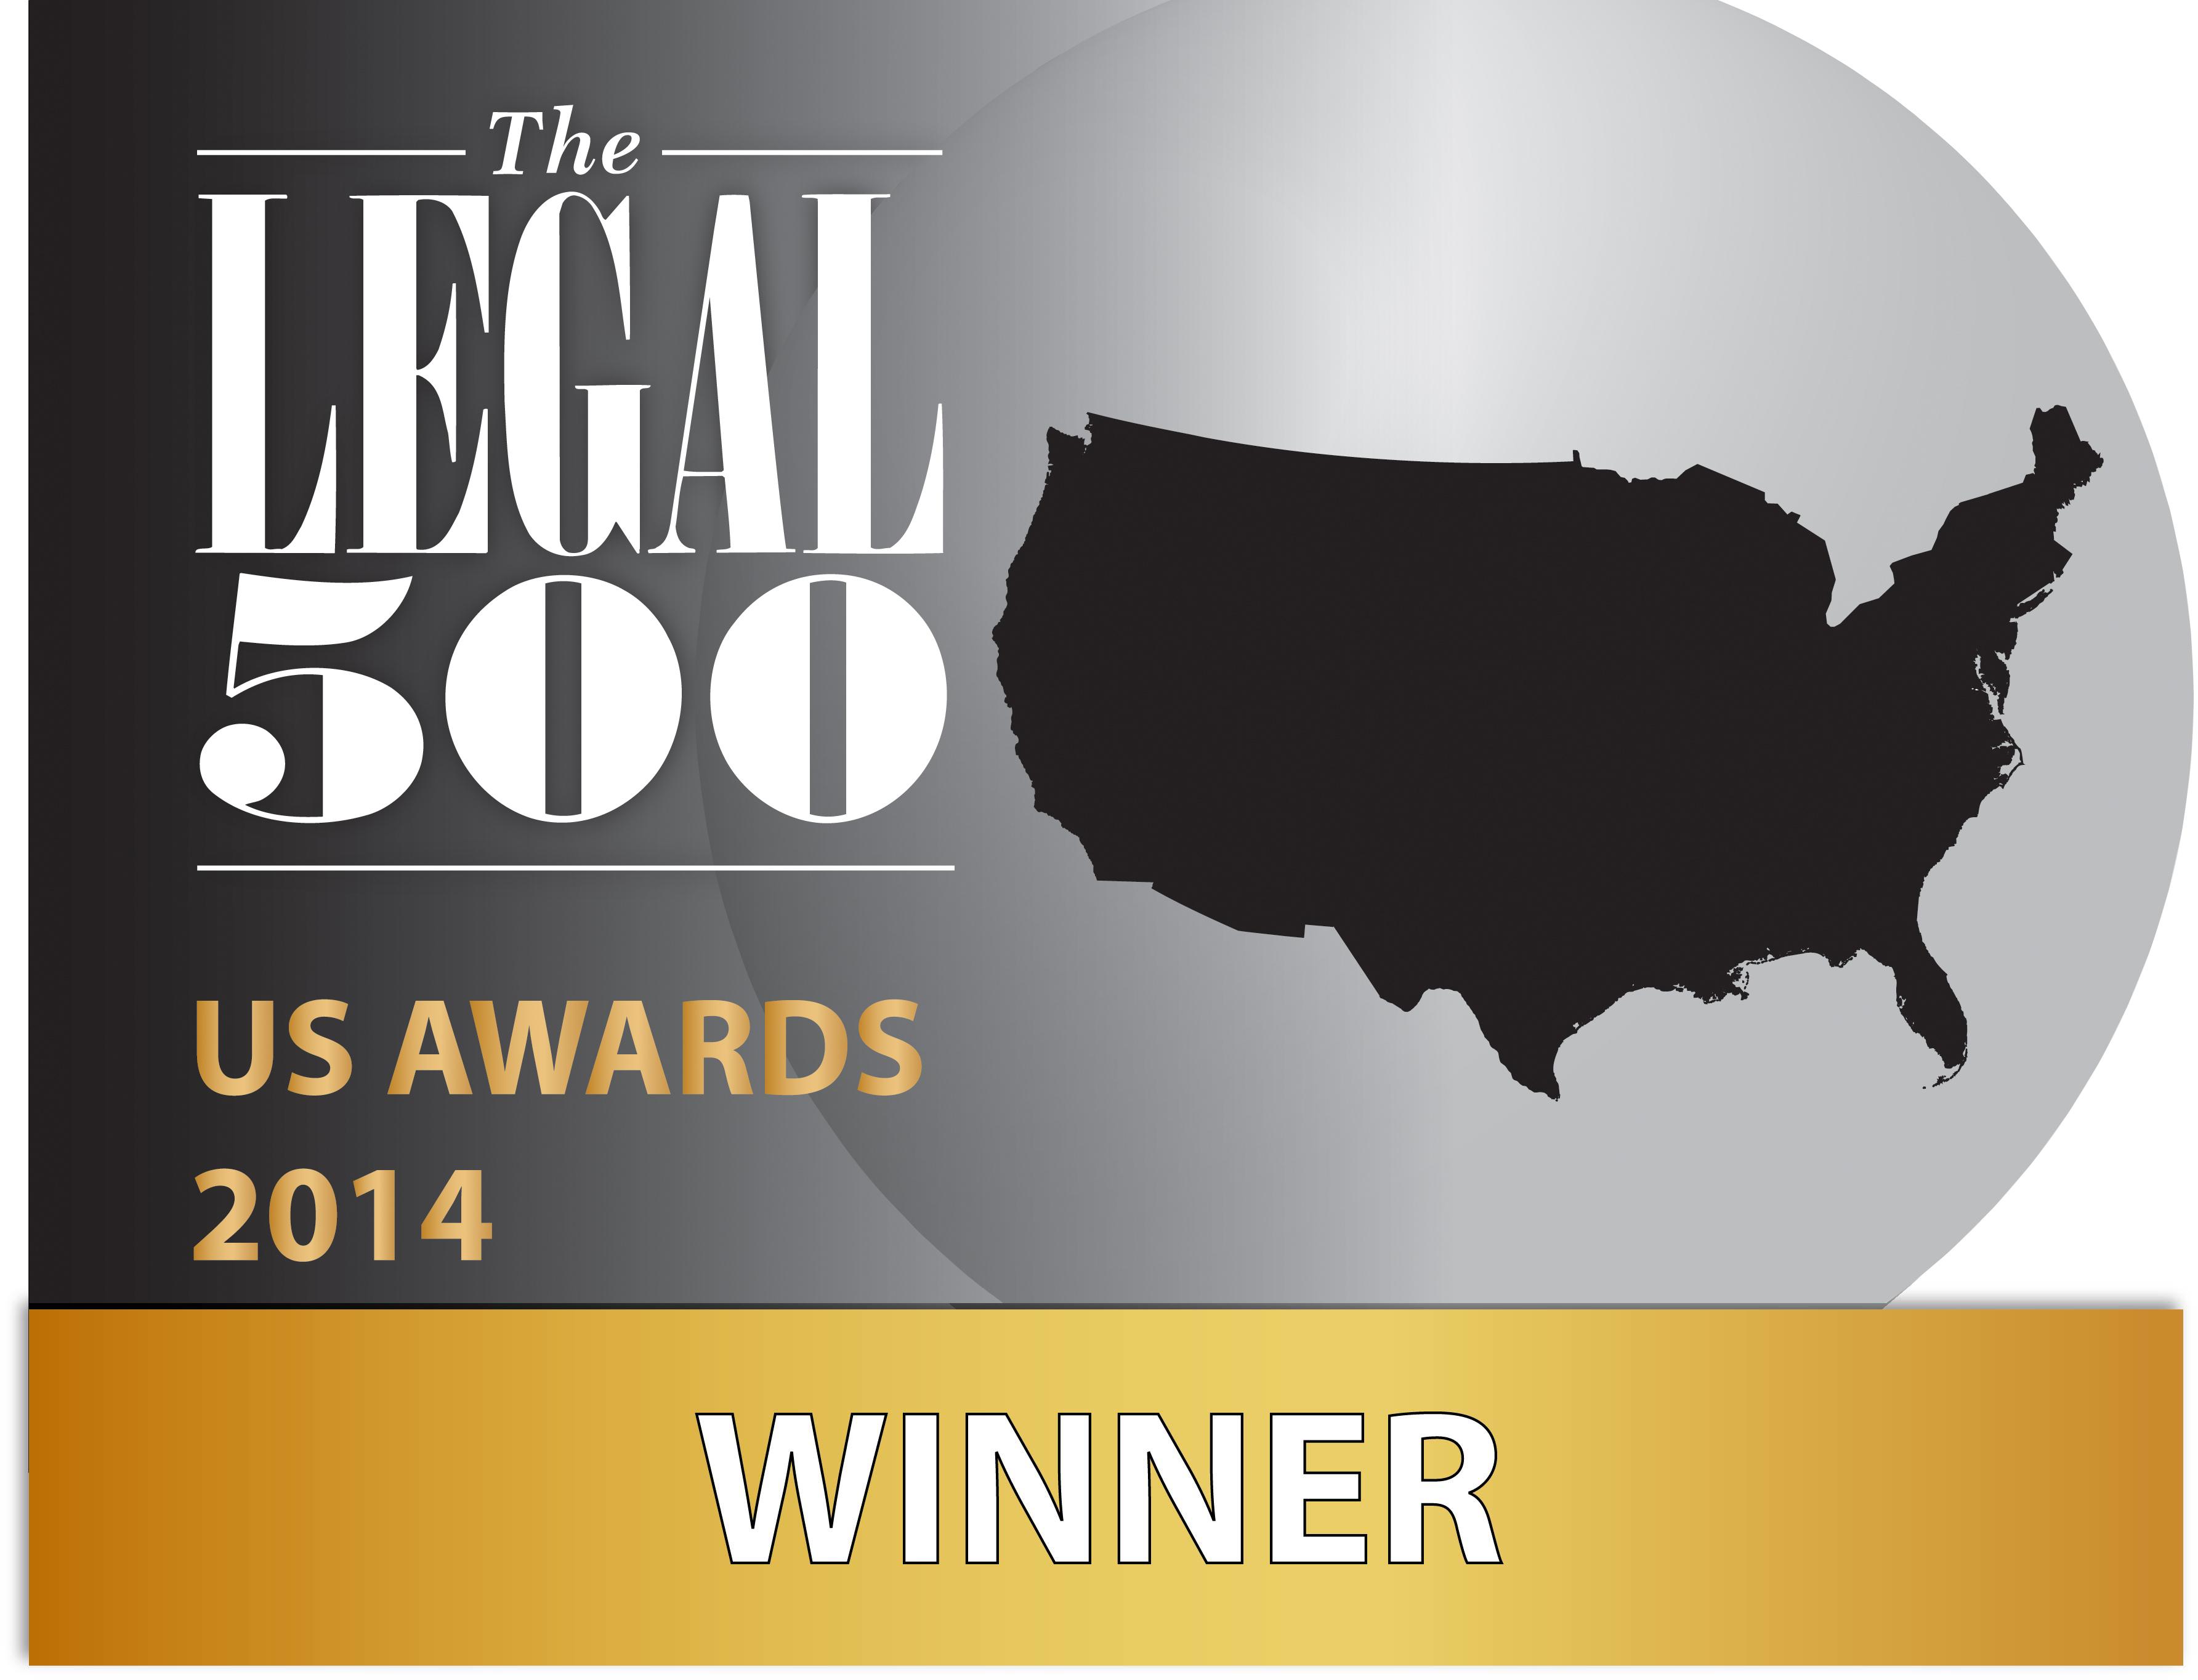 The Legal 500 US Awards 2014 Winner - Knobbe Martens